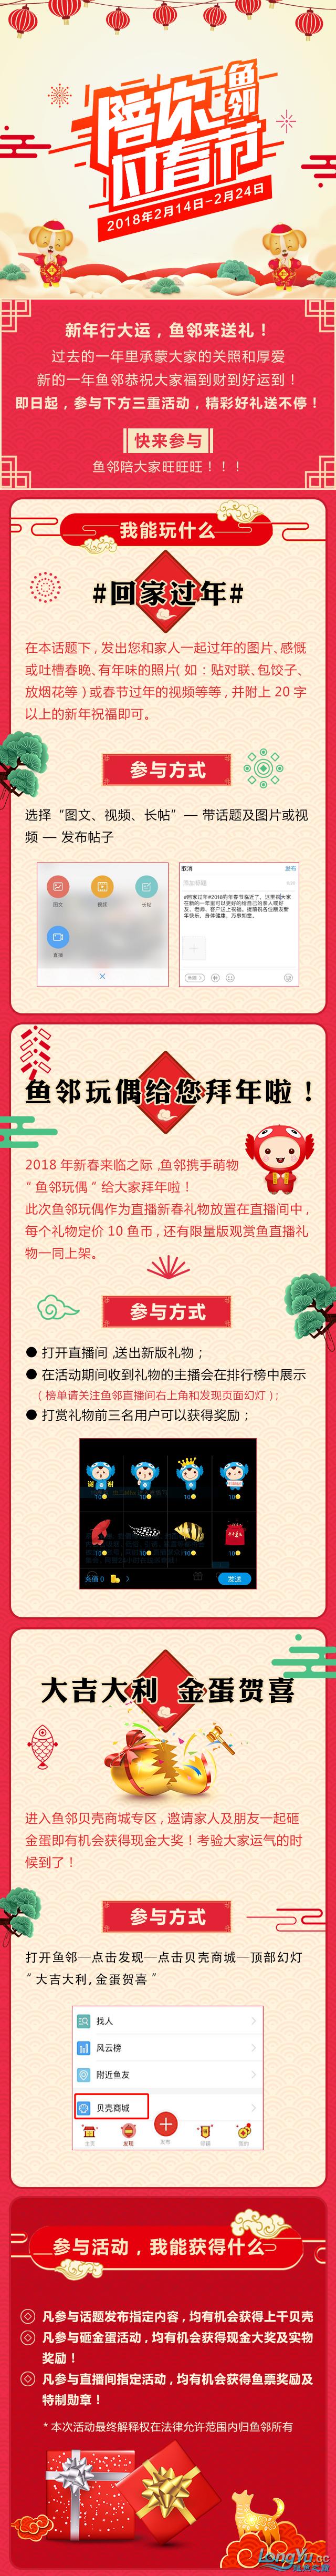 春节活动总图.png